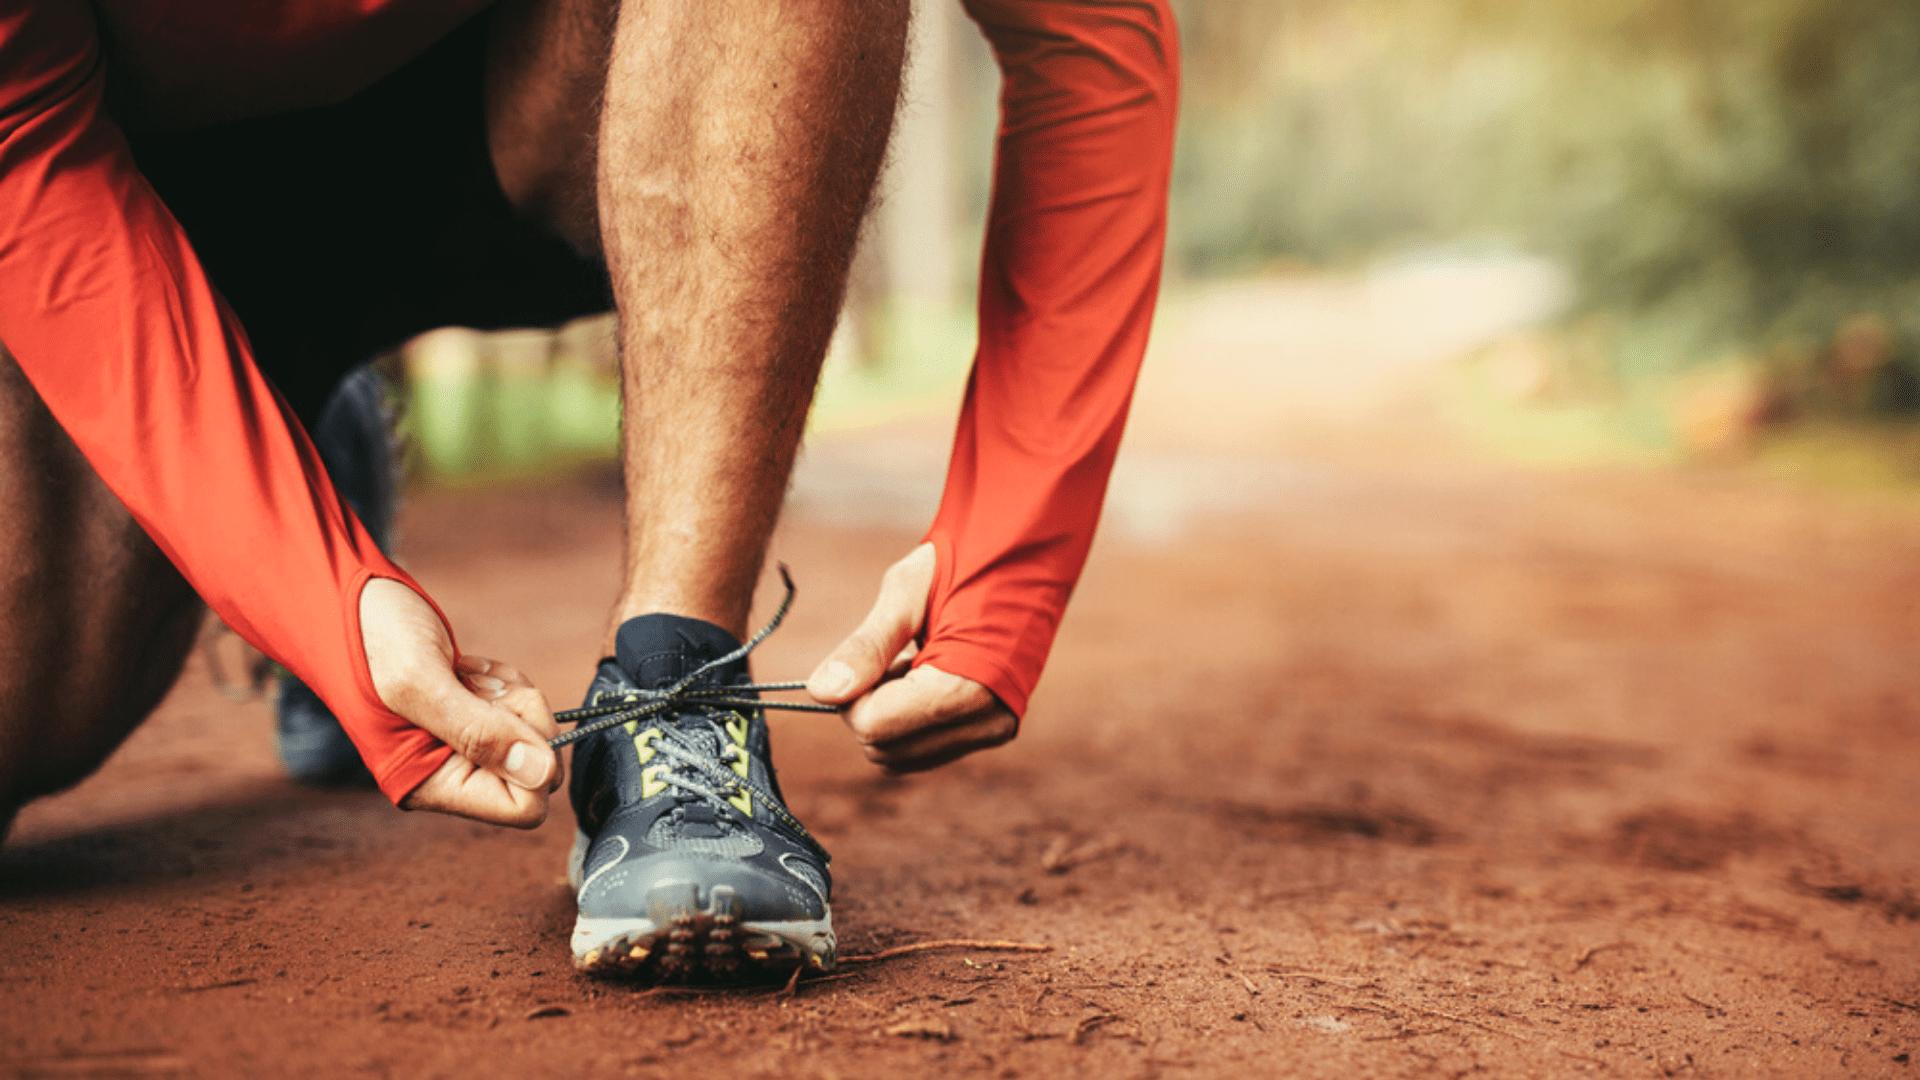 Para correr em trilhas, opte por um tênis com boa capacidade de ventilação (Imagem: Reprodução/Shutterstock)